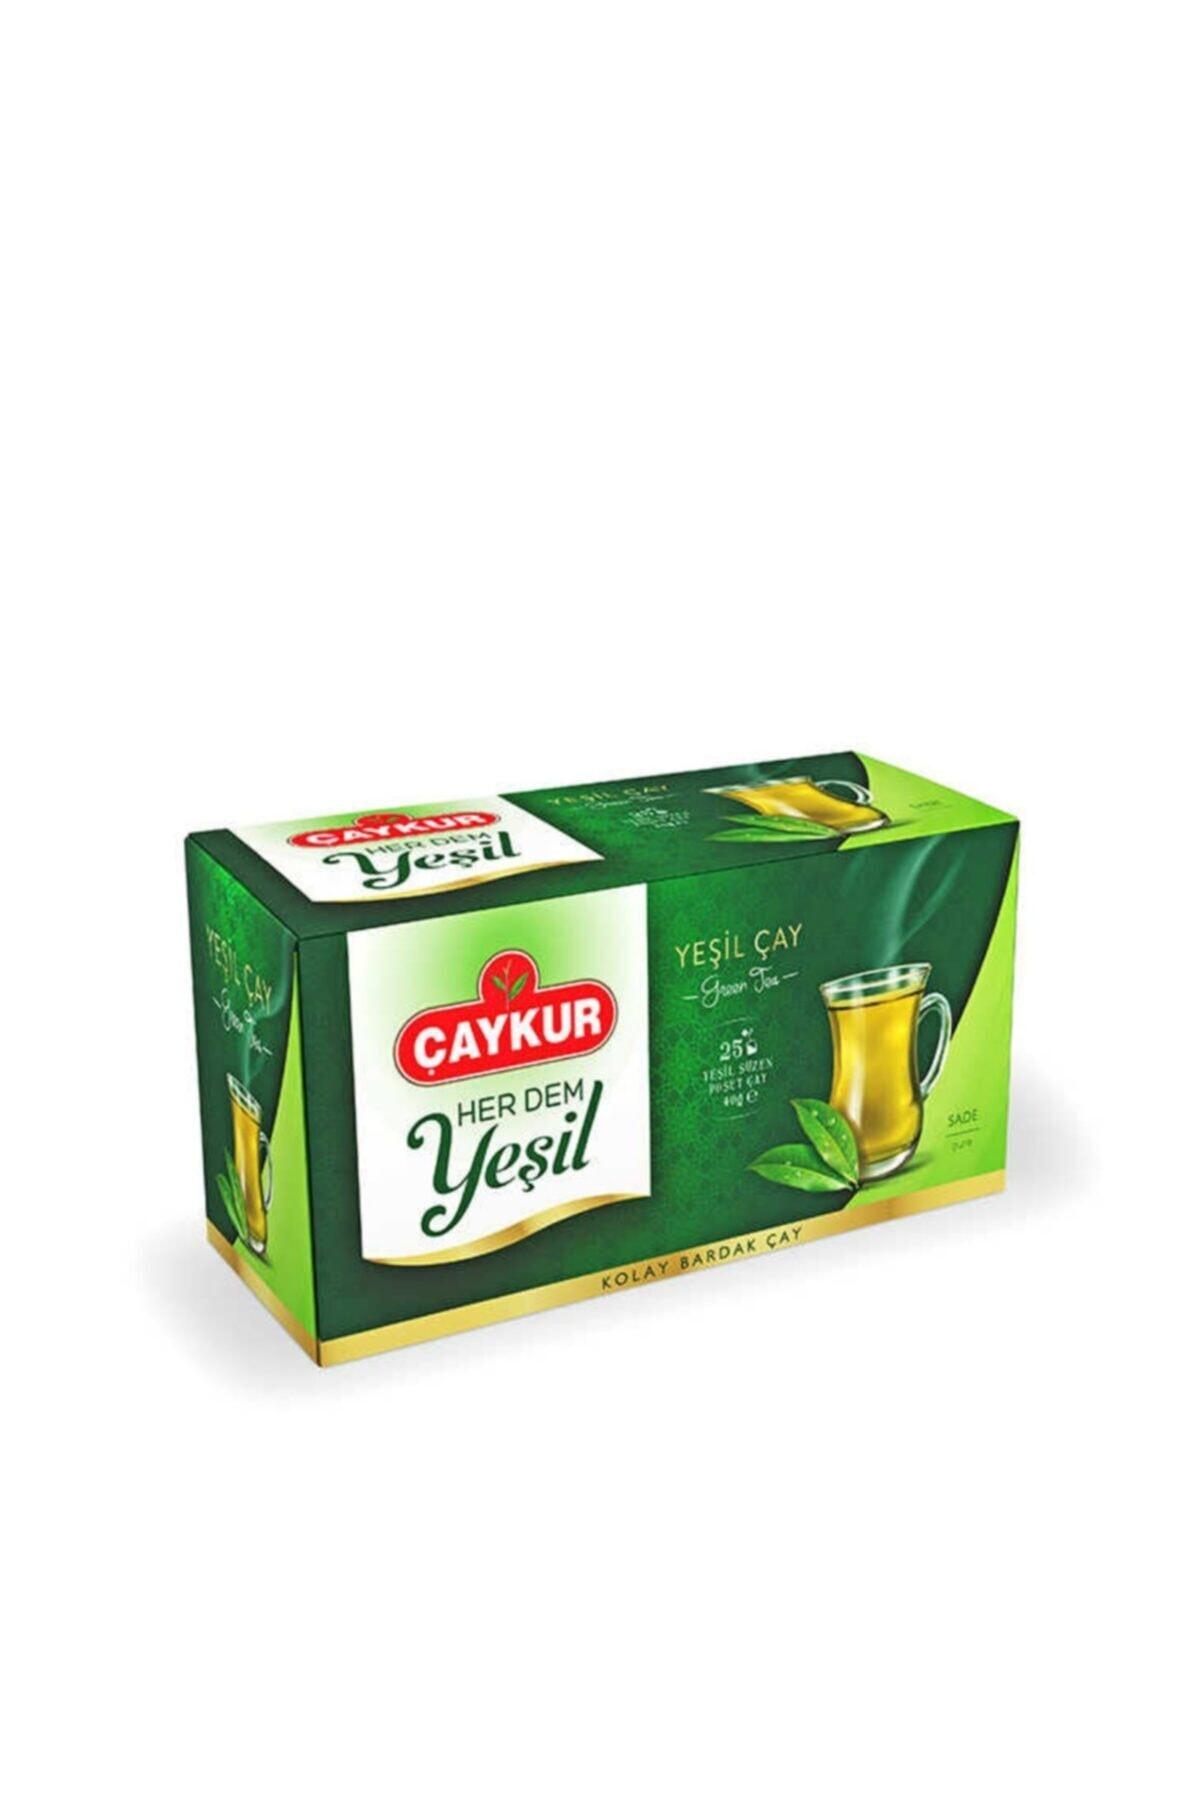 CAYKUR YESIL CAY SUZME SADE POSET 40 GR